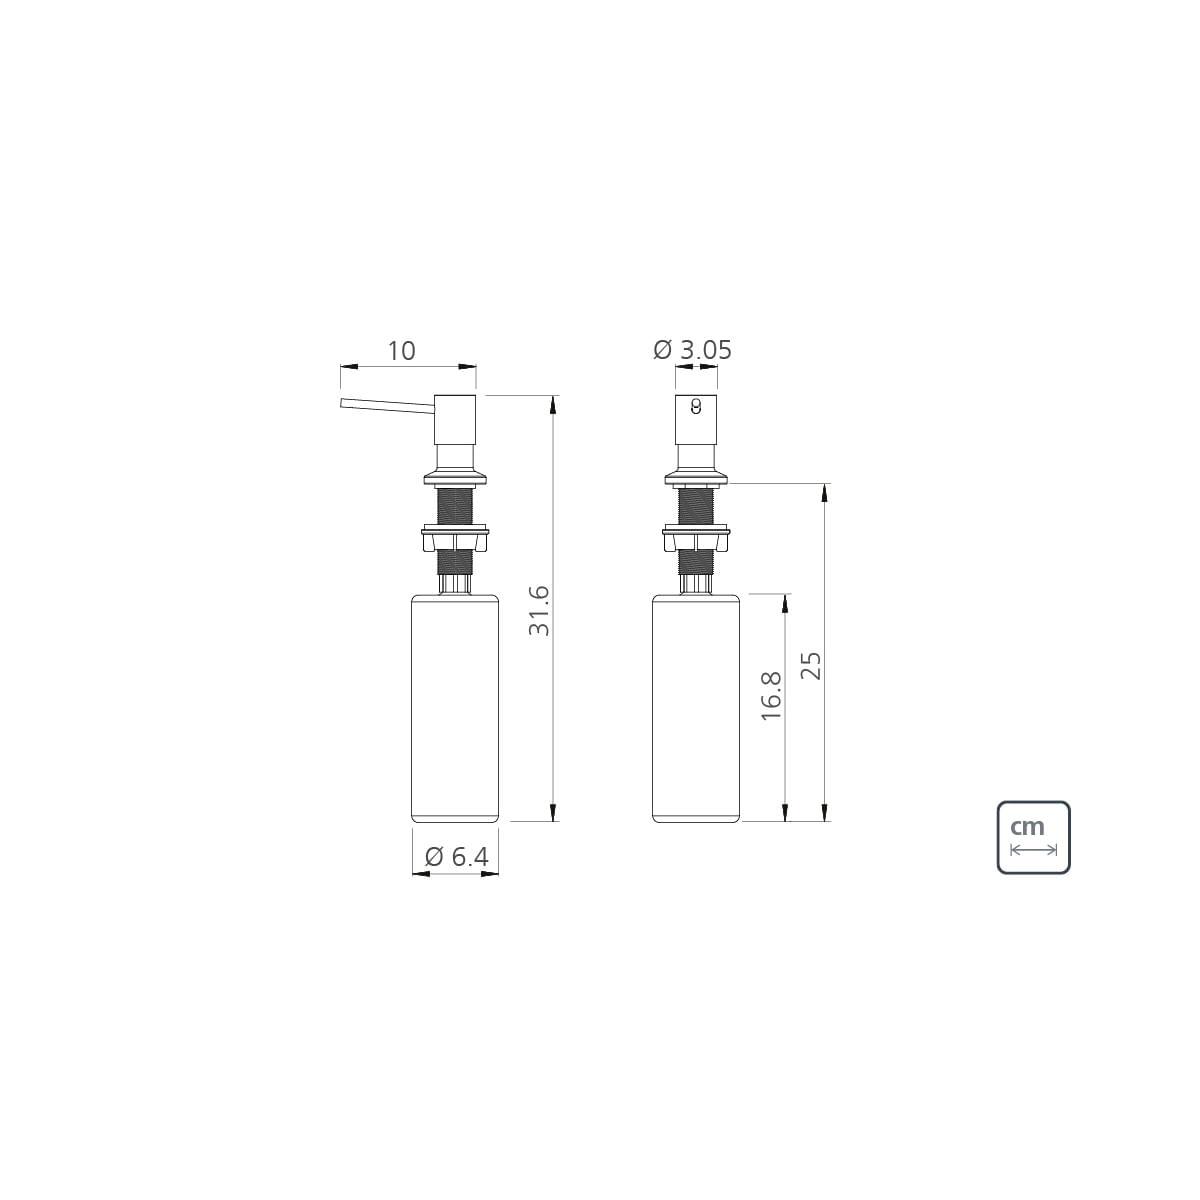 Dosador de Sabão Tramontina em Aço inox Black com Recipiente Plástico 500 ml com Revestimento PVD